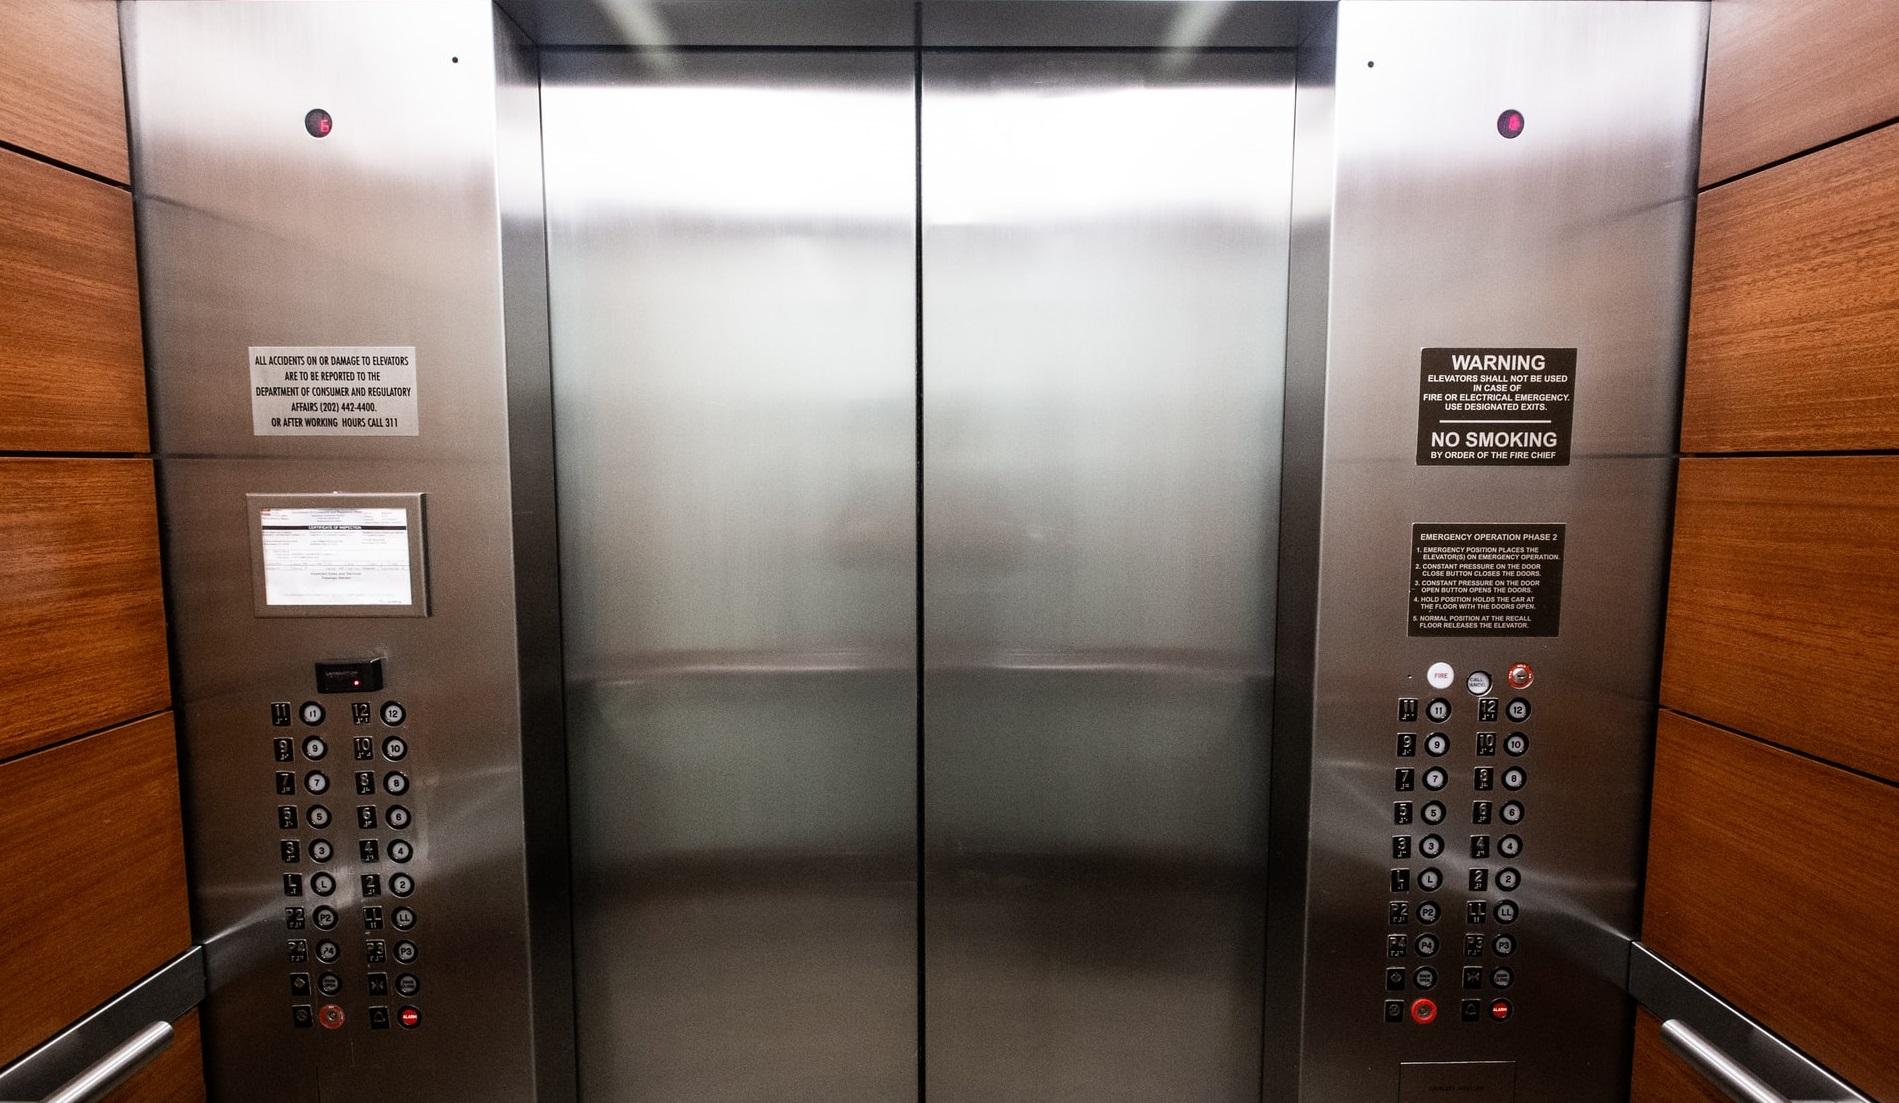 Covid-19 | A contaminat 71 de persoane folosind ascensorul clădirii în care locuia